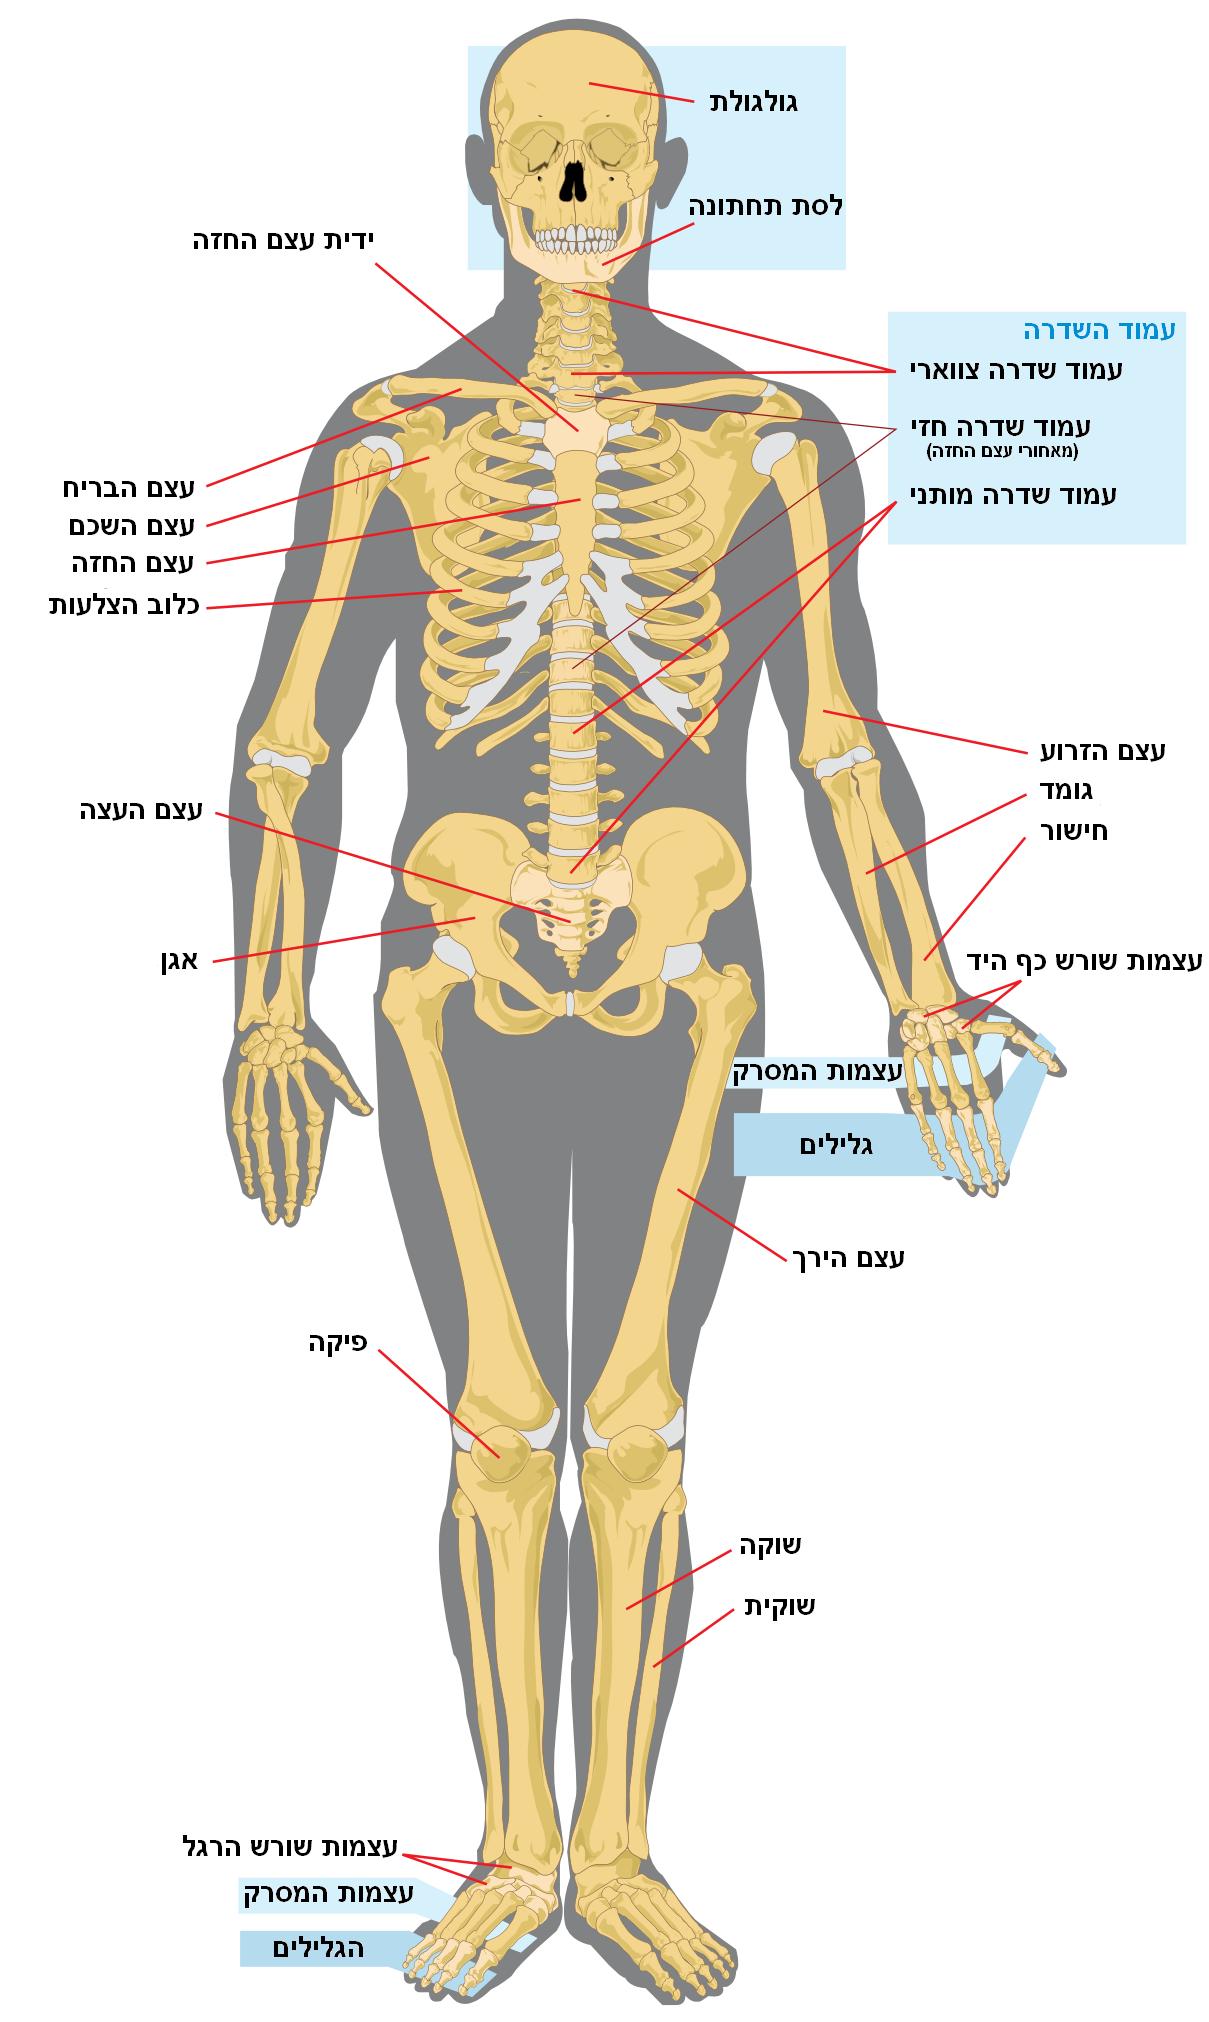 THC לפציעות עמוד שדרה - שמן קנאביס טי אייץ סי ו סי בי די